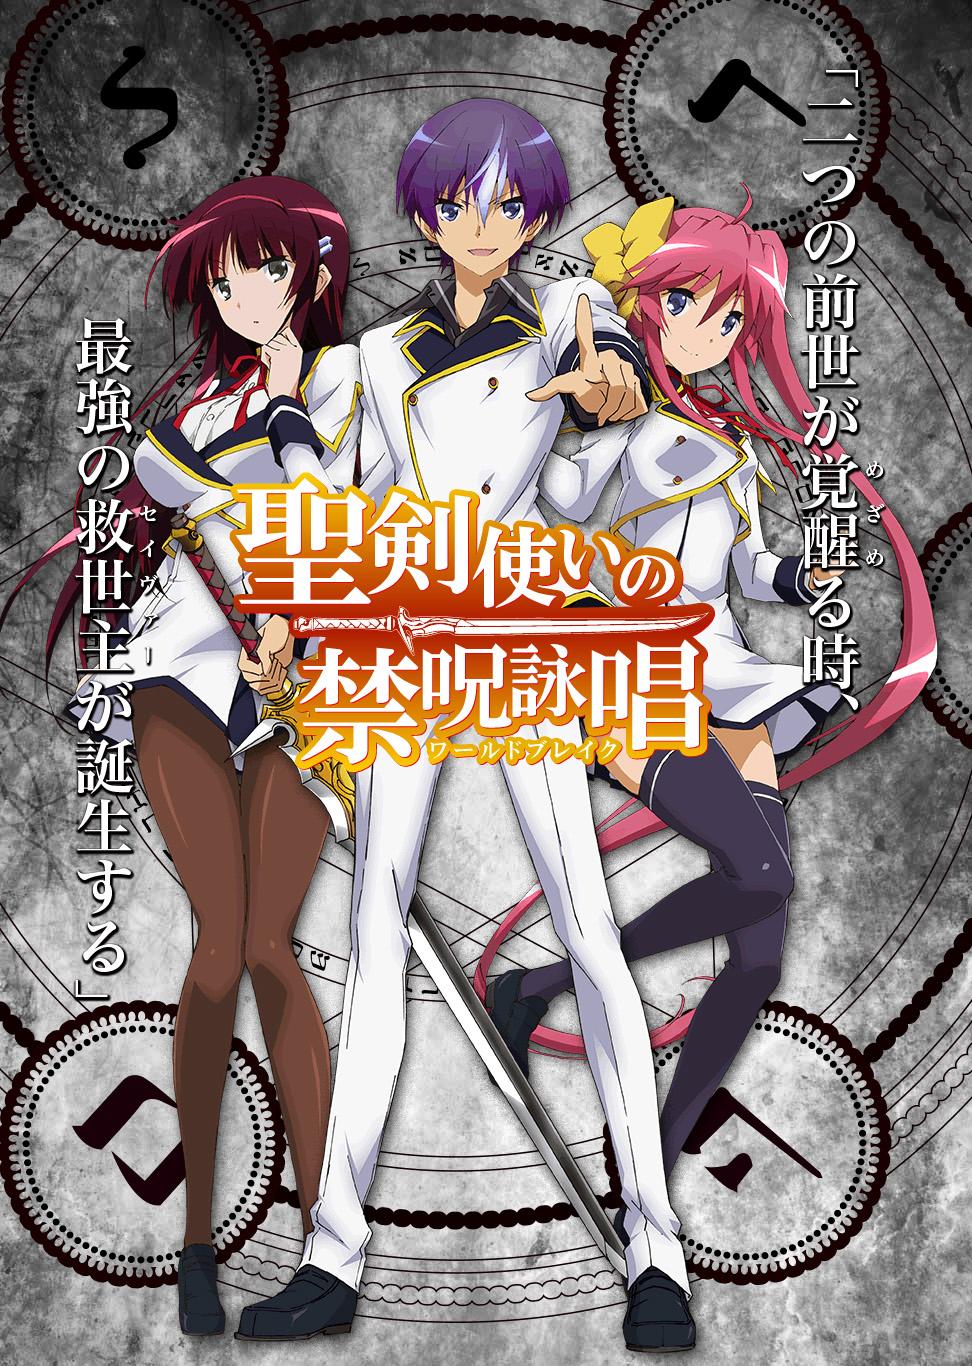 Seiken-Tsukai-no-World-Break-anime-key-visual-Warubure-haruhichan.com-anime-Akamitsu-Awamura-Seiken-Tsukai-no-Kinshuu-Eishou-winter-2015-anime